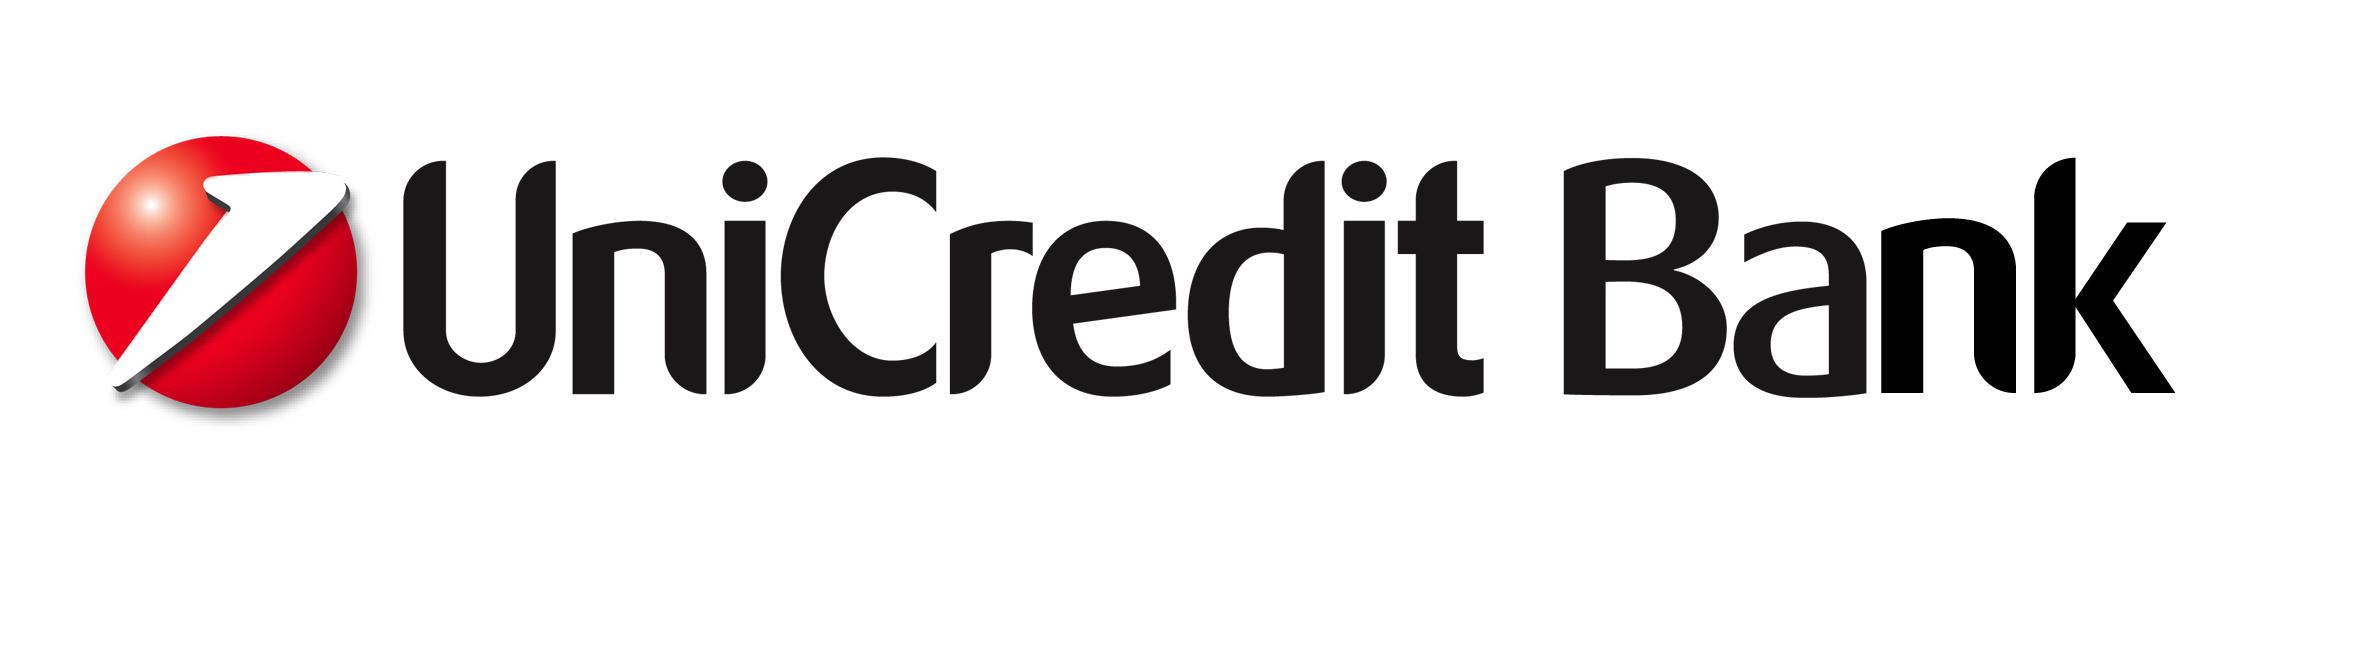 www.unicreditbank.cz - logo